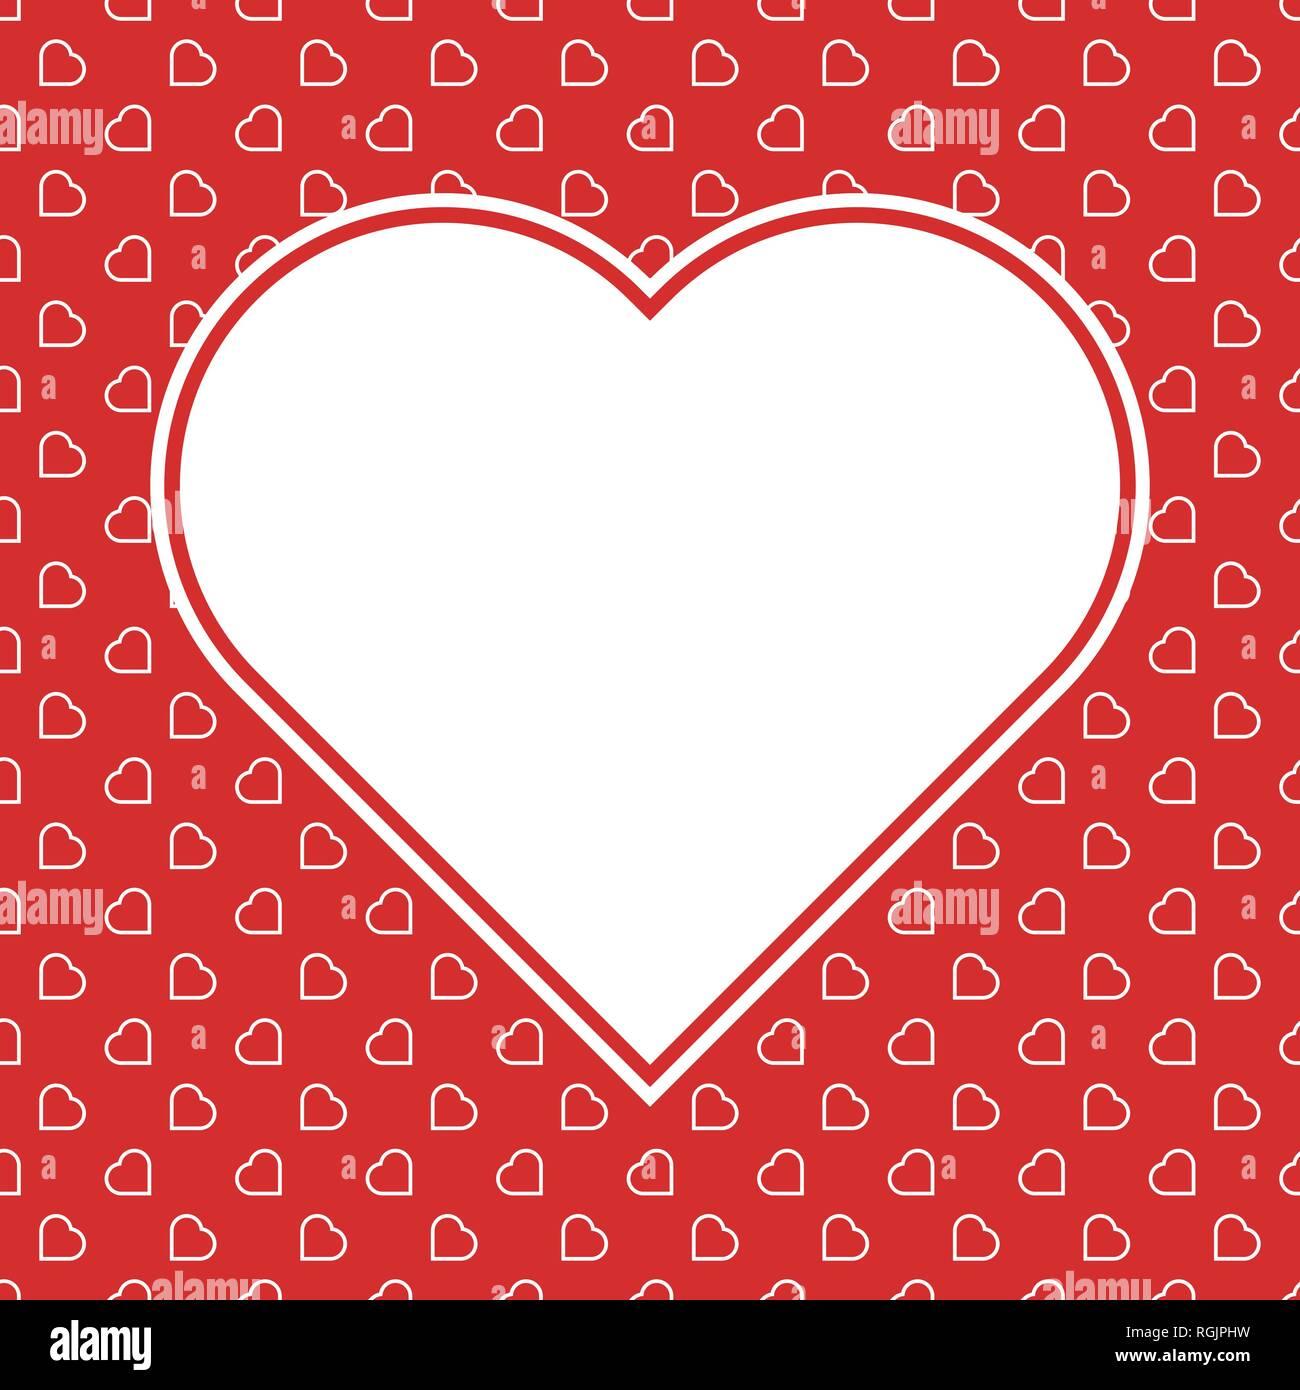 Corazones Rojos Perfecta La Trama De Fondo De Amor Para San Valentín